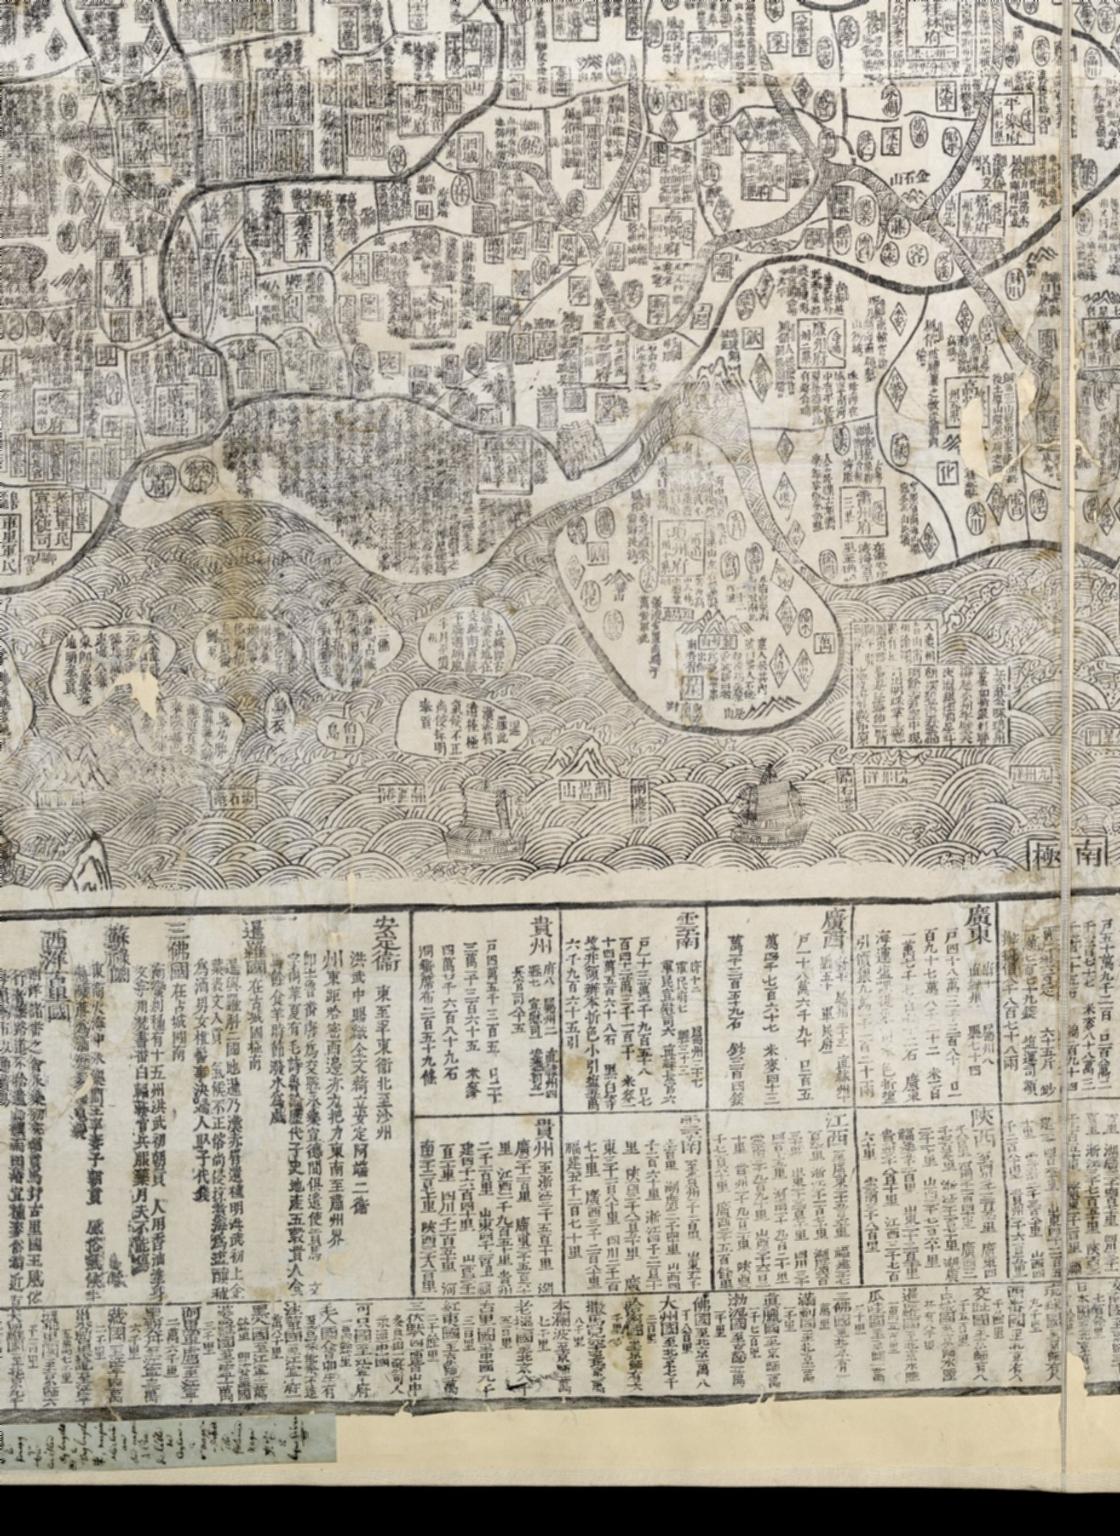 [Carte de la Chine]. Part 14